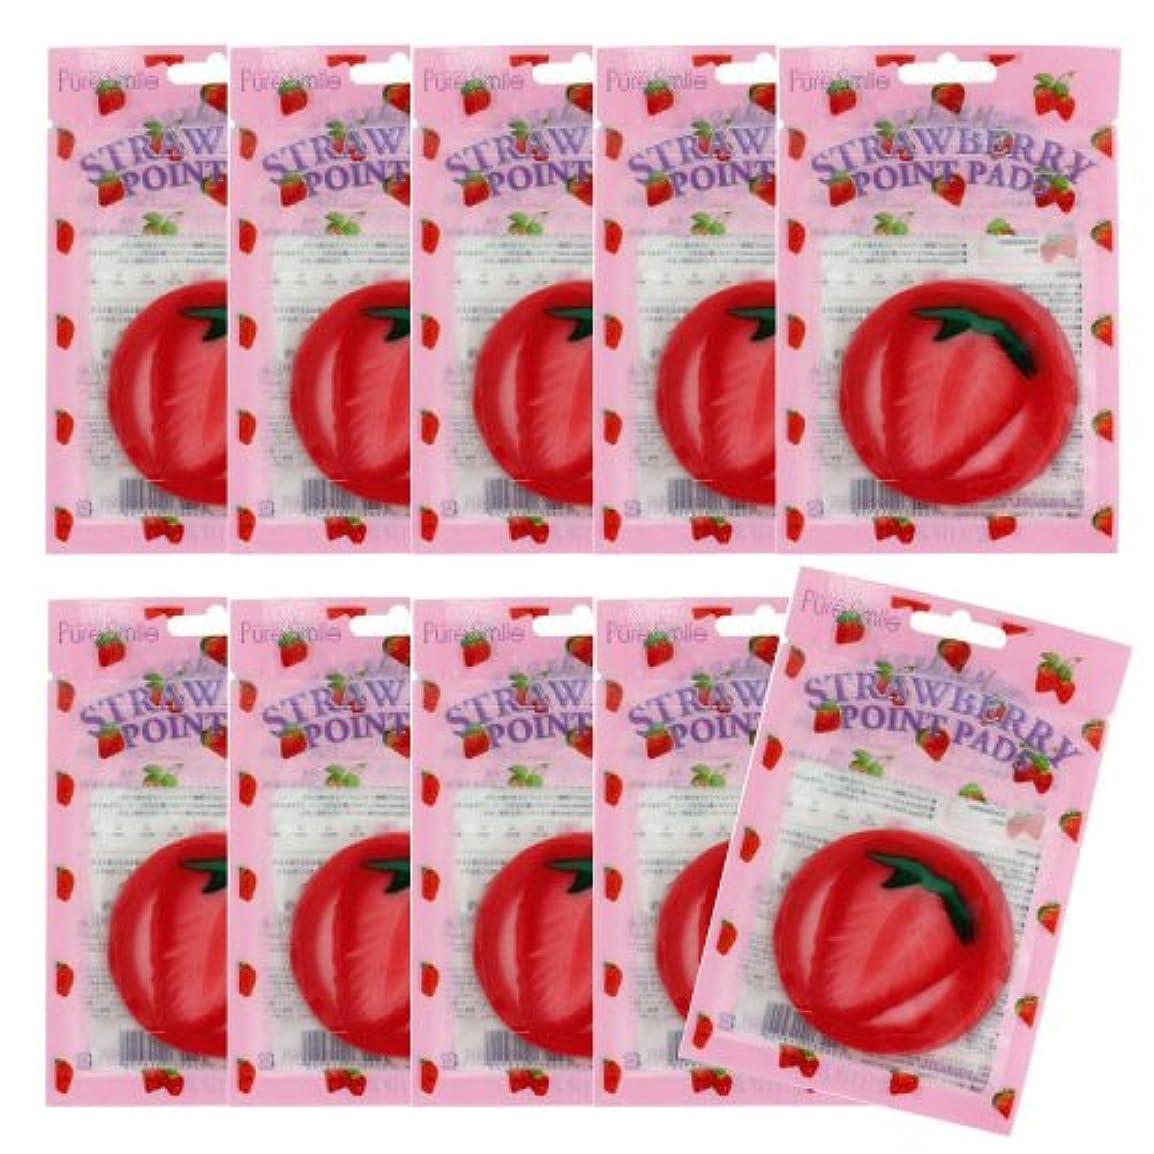 ポンペイ資本主義兄ピュアスマイル ジューシーポイントパッド ストロベリー10パックセット(1パック10枚入 合計100枚)